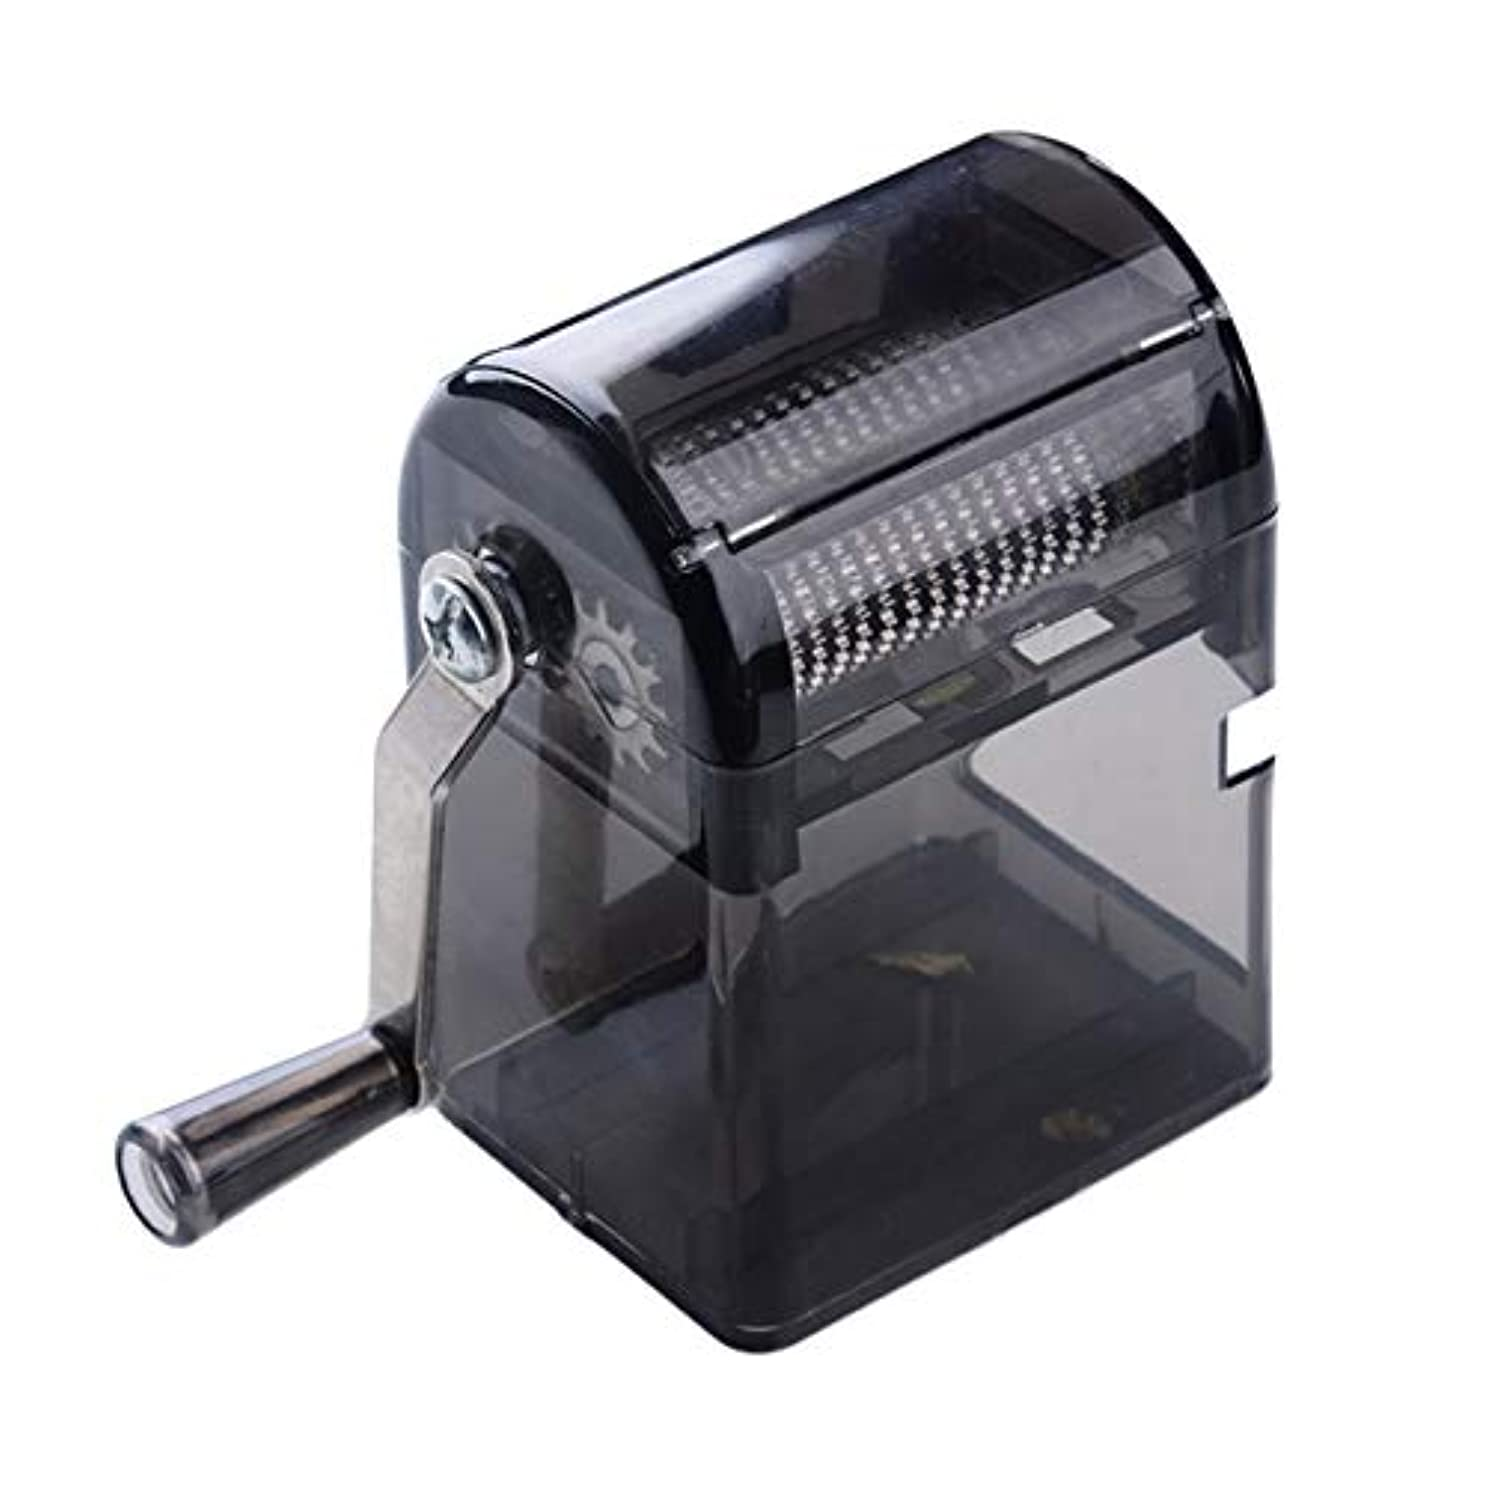 メダリスト海洋の支出Saikogoods シンプルなデザイン手回しタバコグラインダー耐久性のある利用タバコハーブスパイスクラッシャーマニュアルミュラータバコ用品 黒